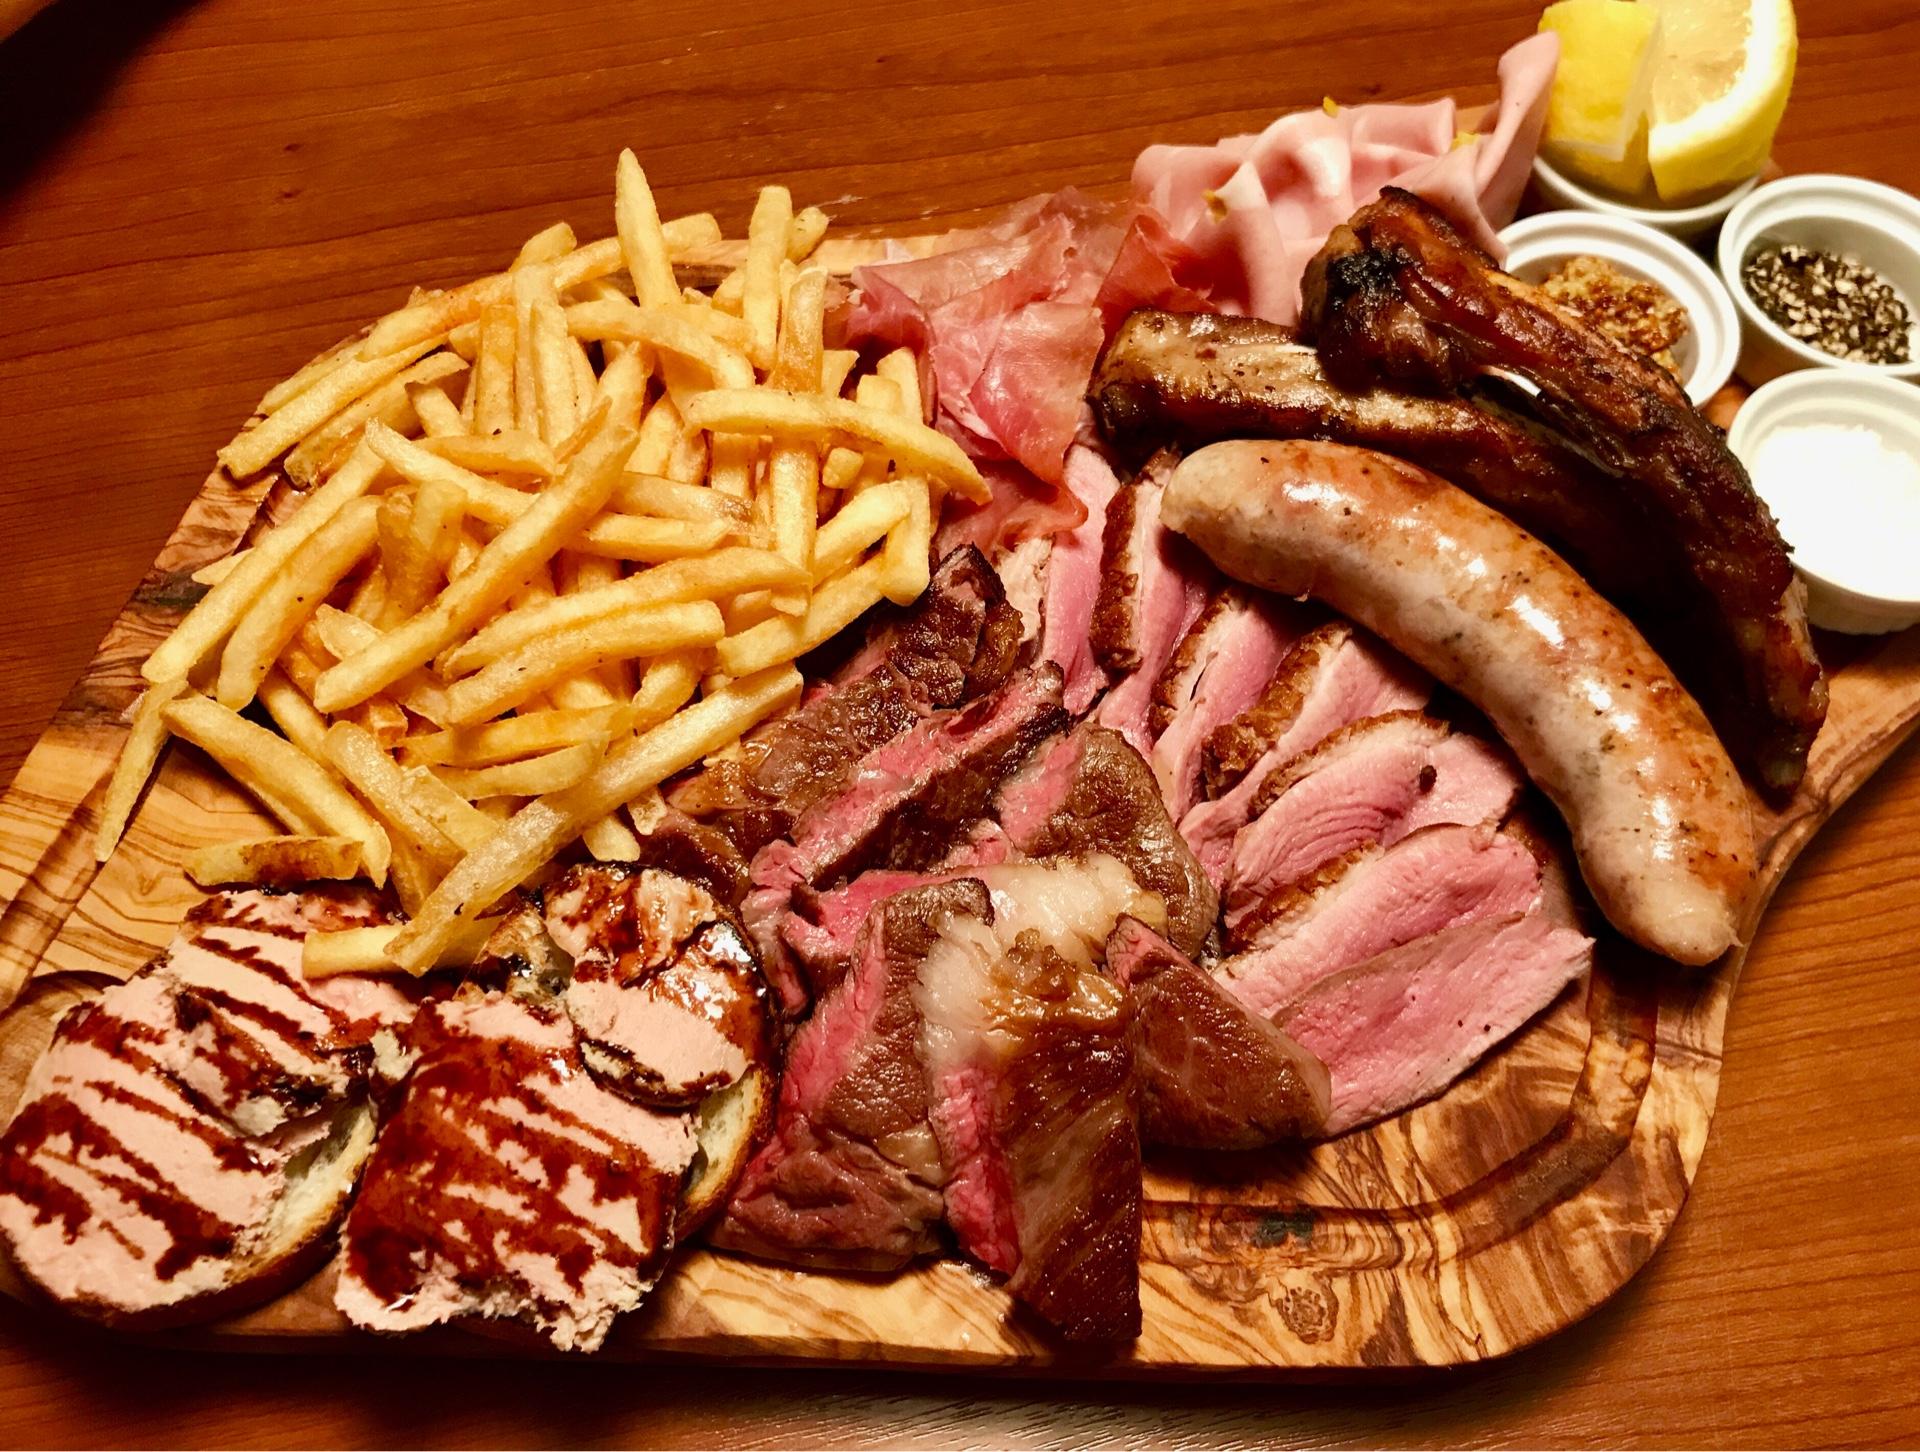 「肉料理カルネミストメガ盛り!!」のイメージ写真